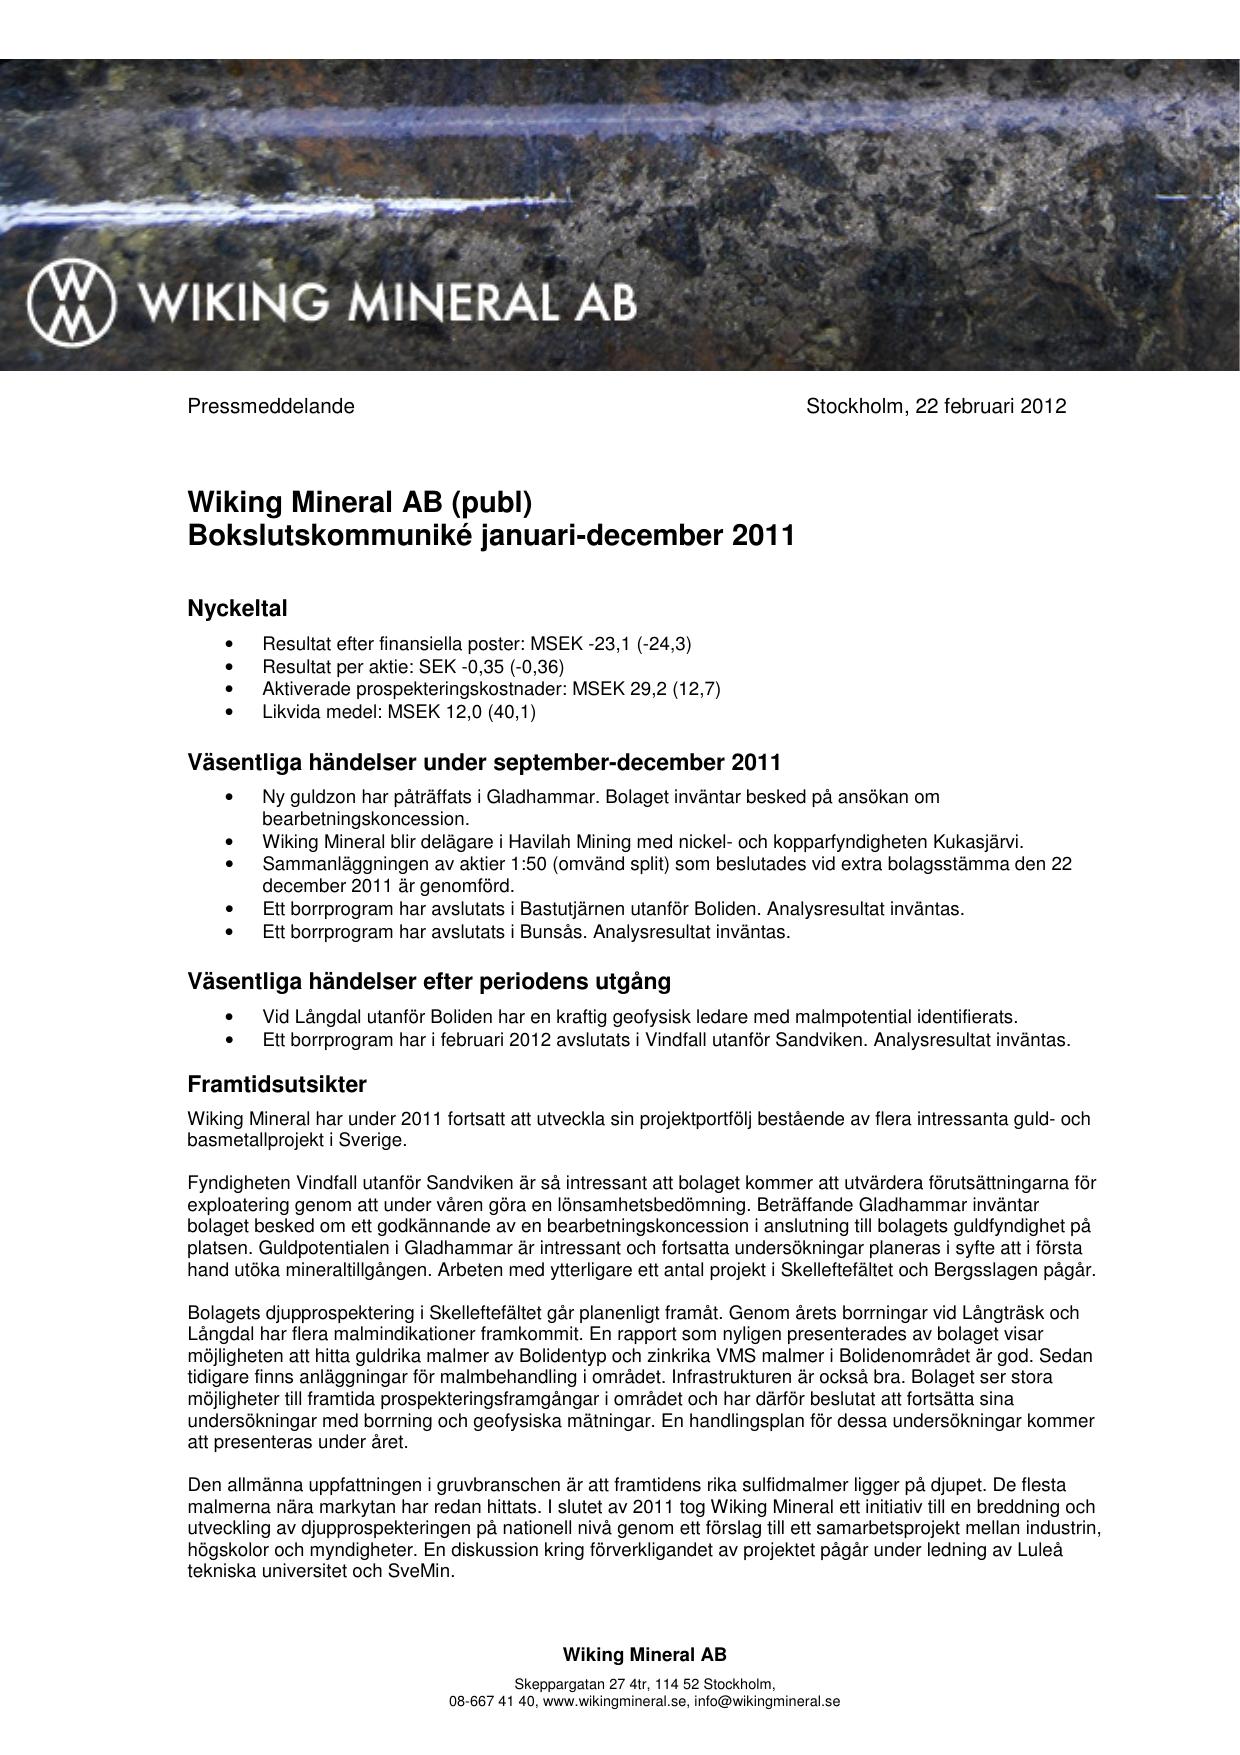 wiking mineral aktiekurs